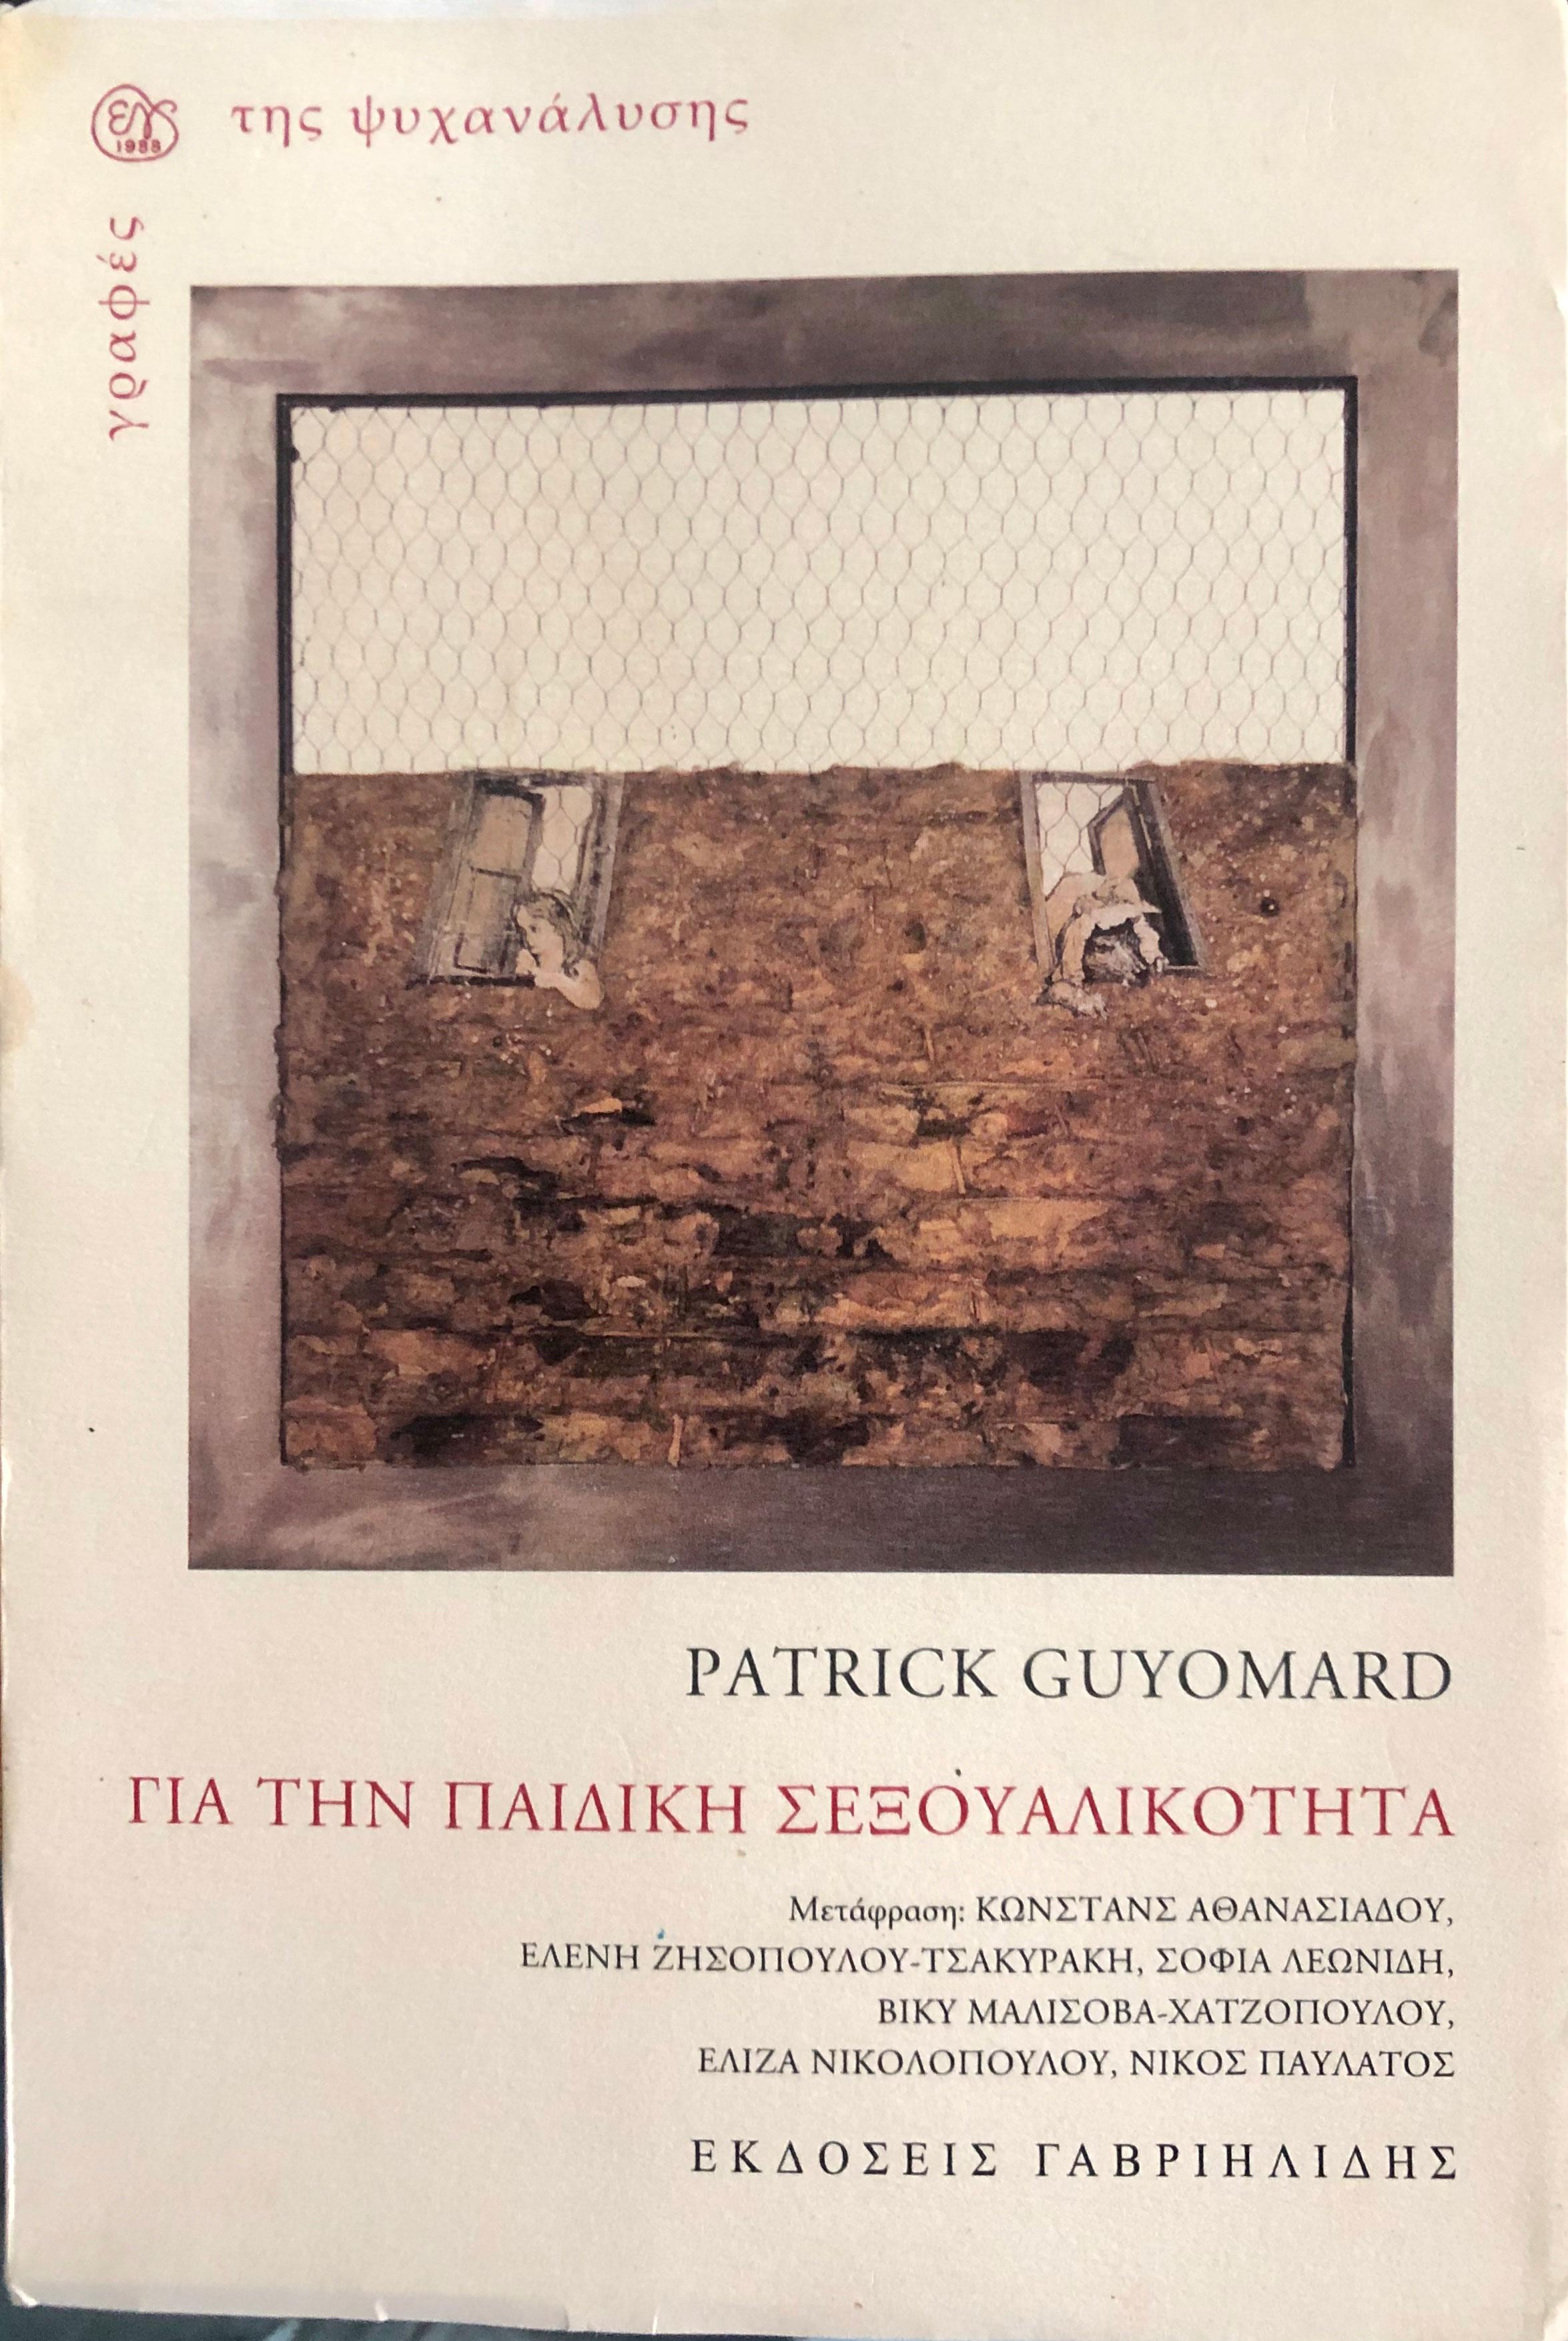 ena-egklima-poy-synithos-paramenei-sto-skotadi3